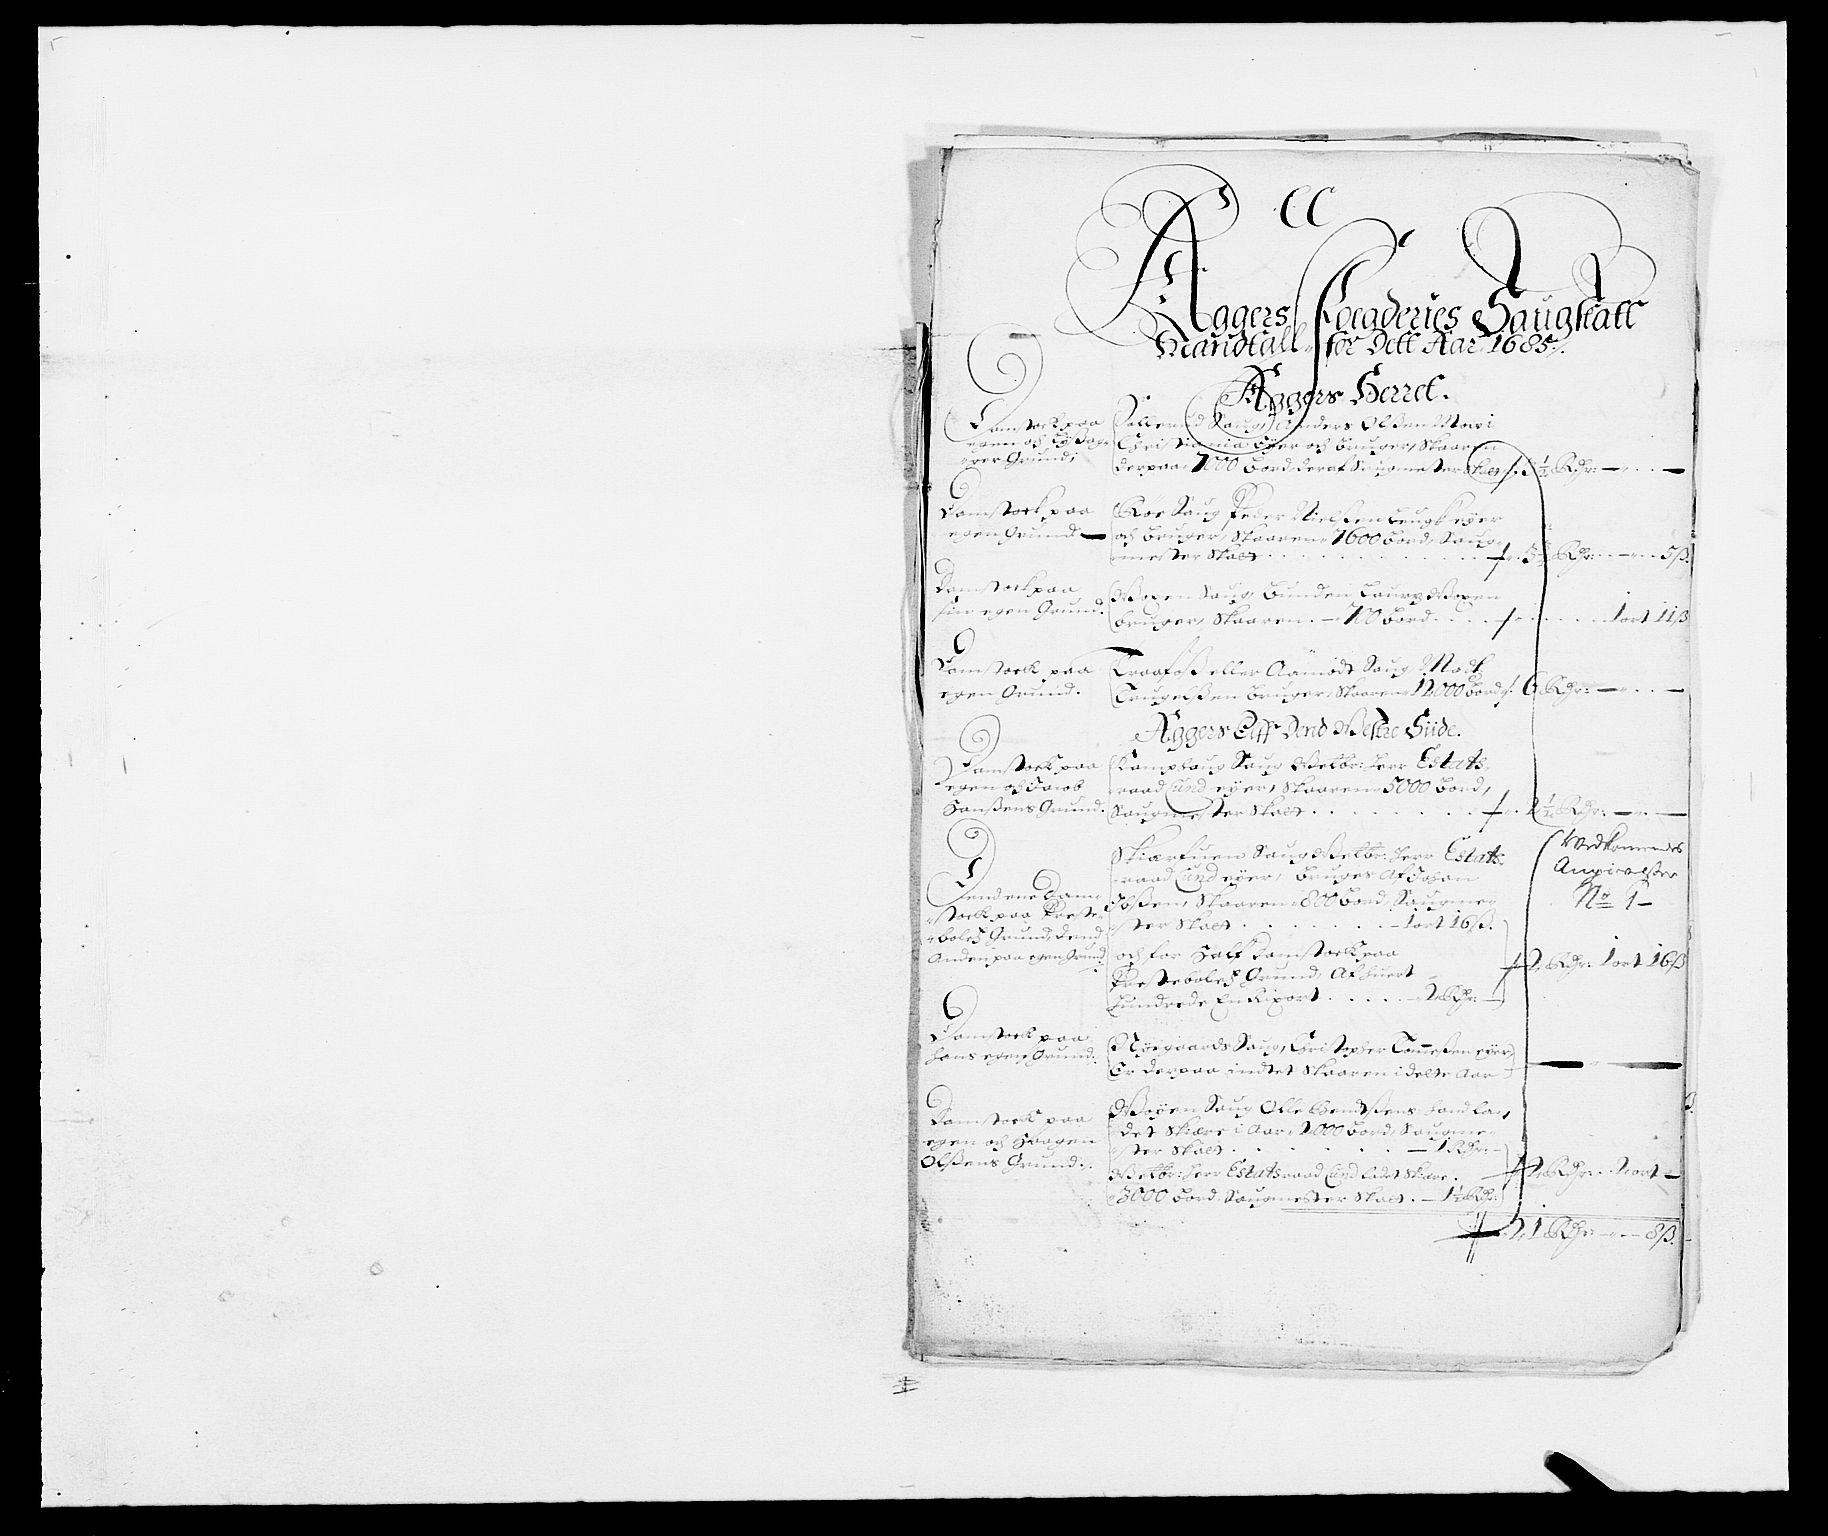 RA, Rentekammeret inntil 1814, Reviderte regnskaper, Fogderegnskap, R08/L0421: Fogderegnskap Aker, 1682-1683, s. 185